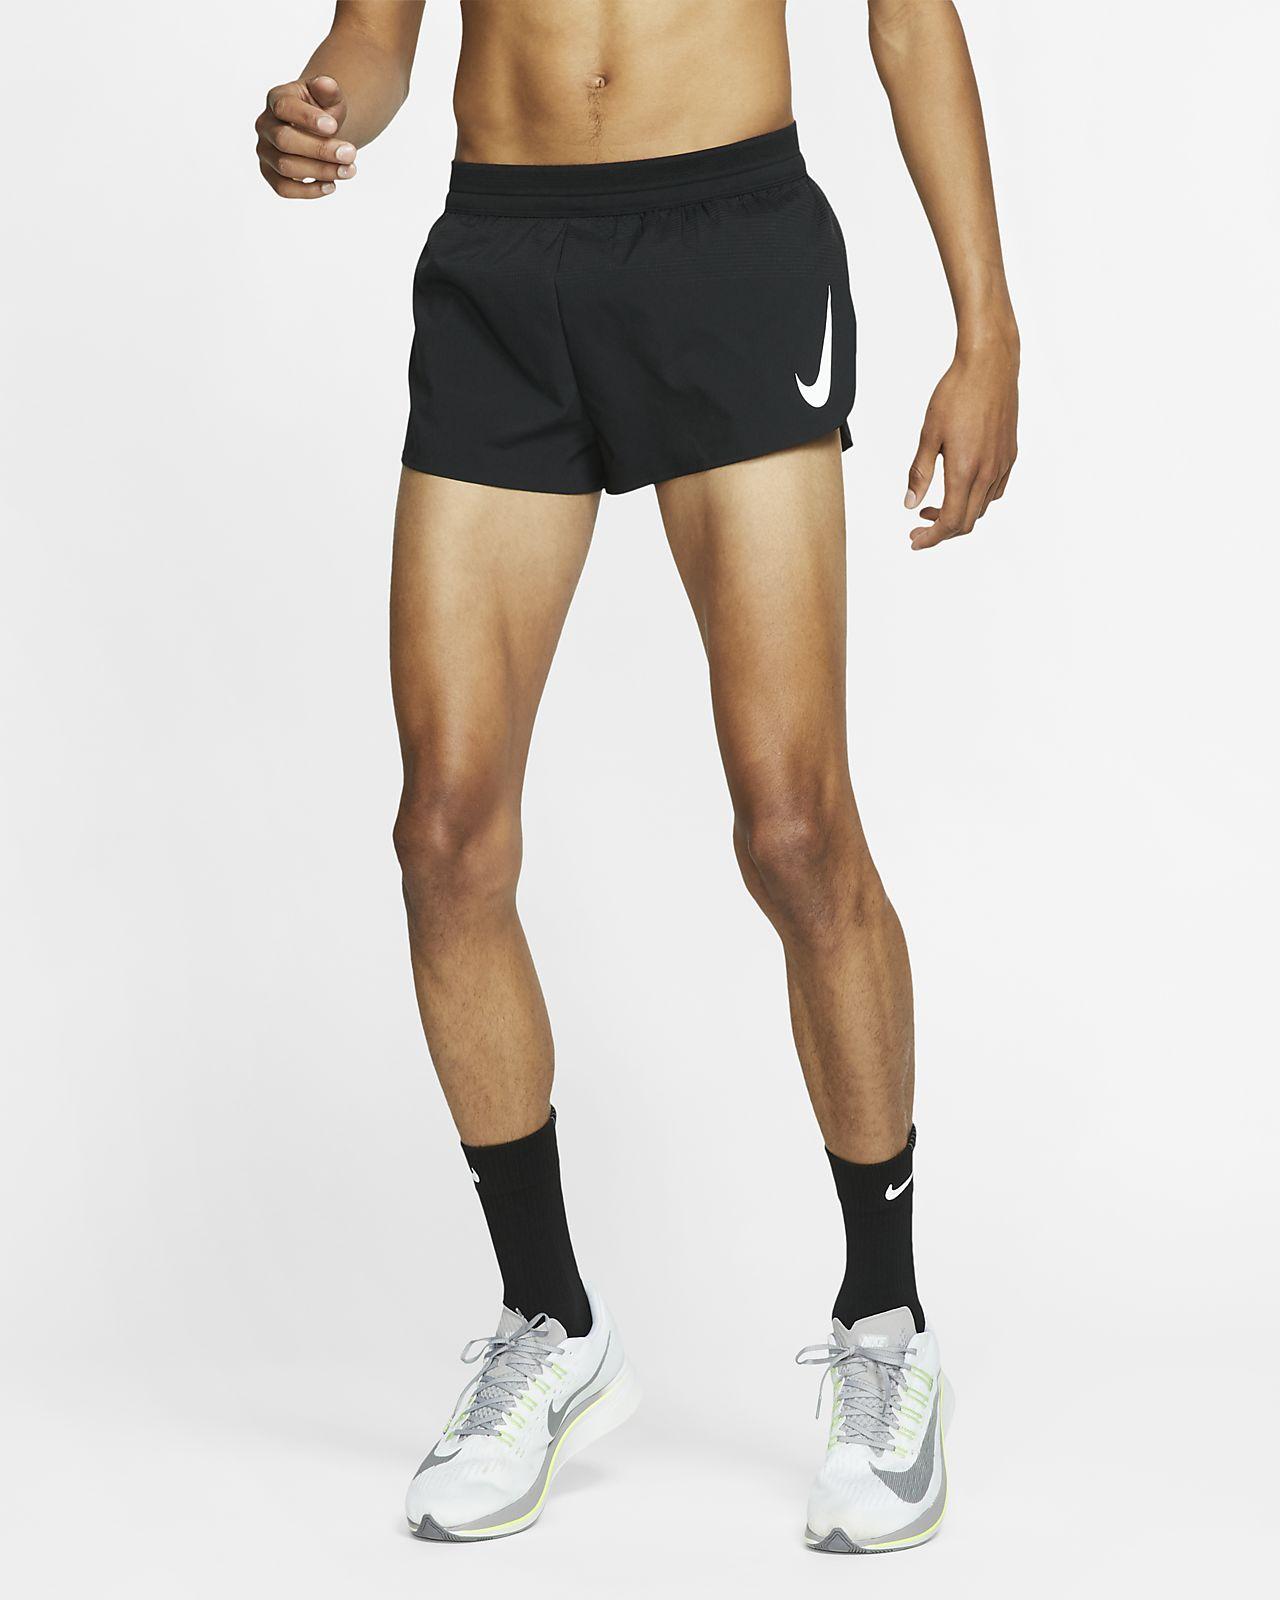 Ανδρικό σορτς για τρέξιμο Nike AeroSwift 5 cm